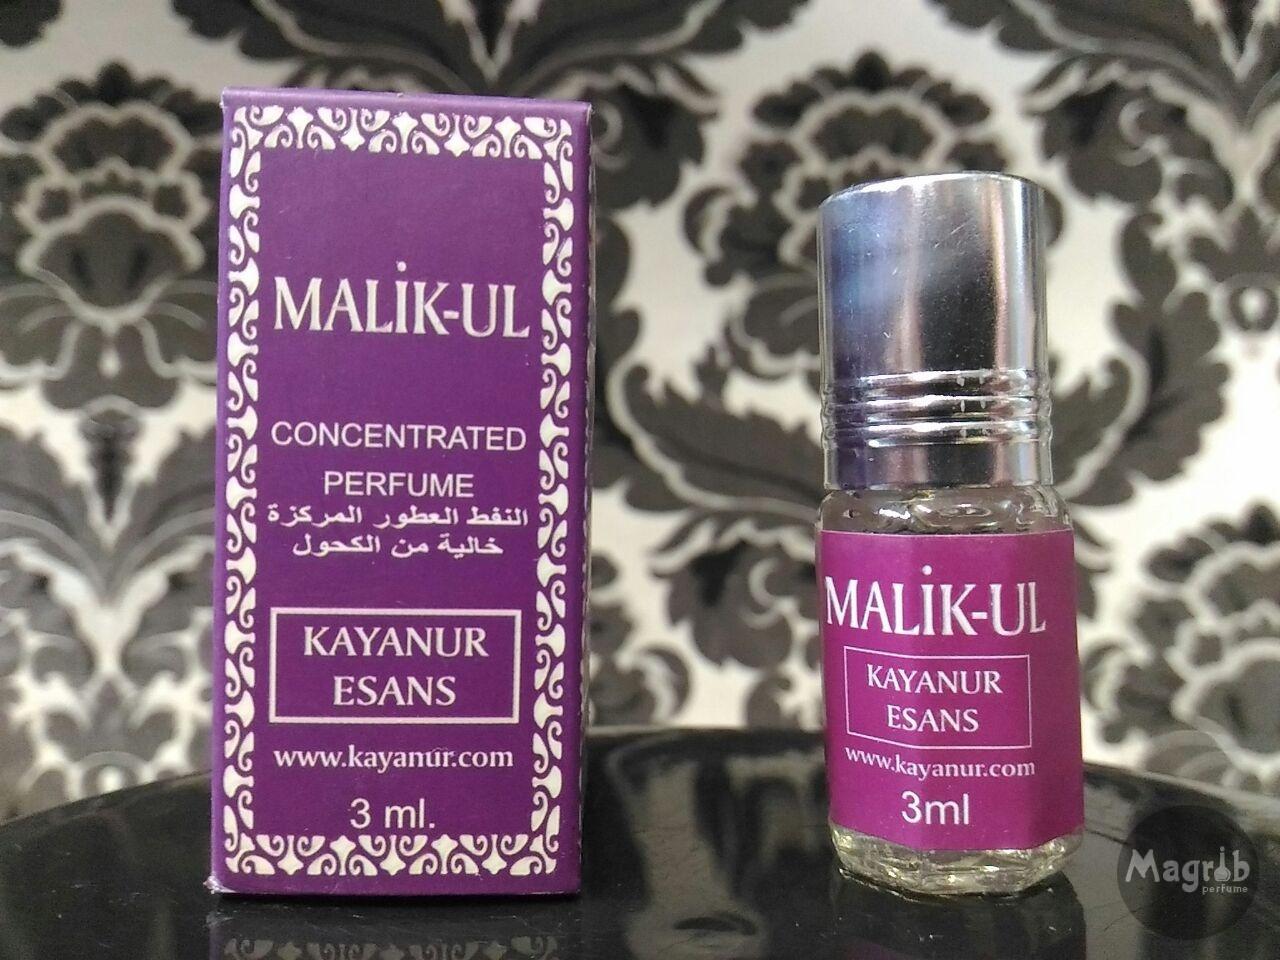 Kayanur Esans Malik-ul 3ml-концентрированные масляные духи.